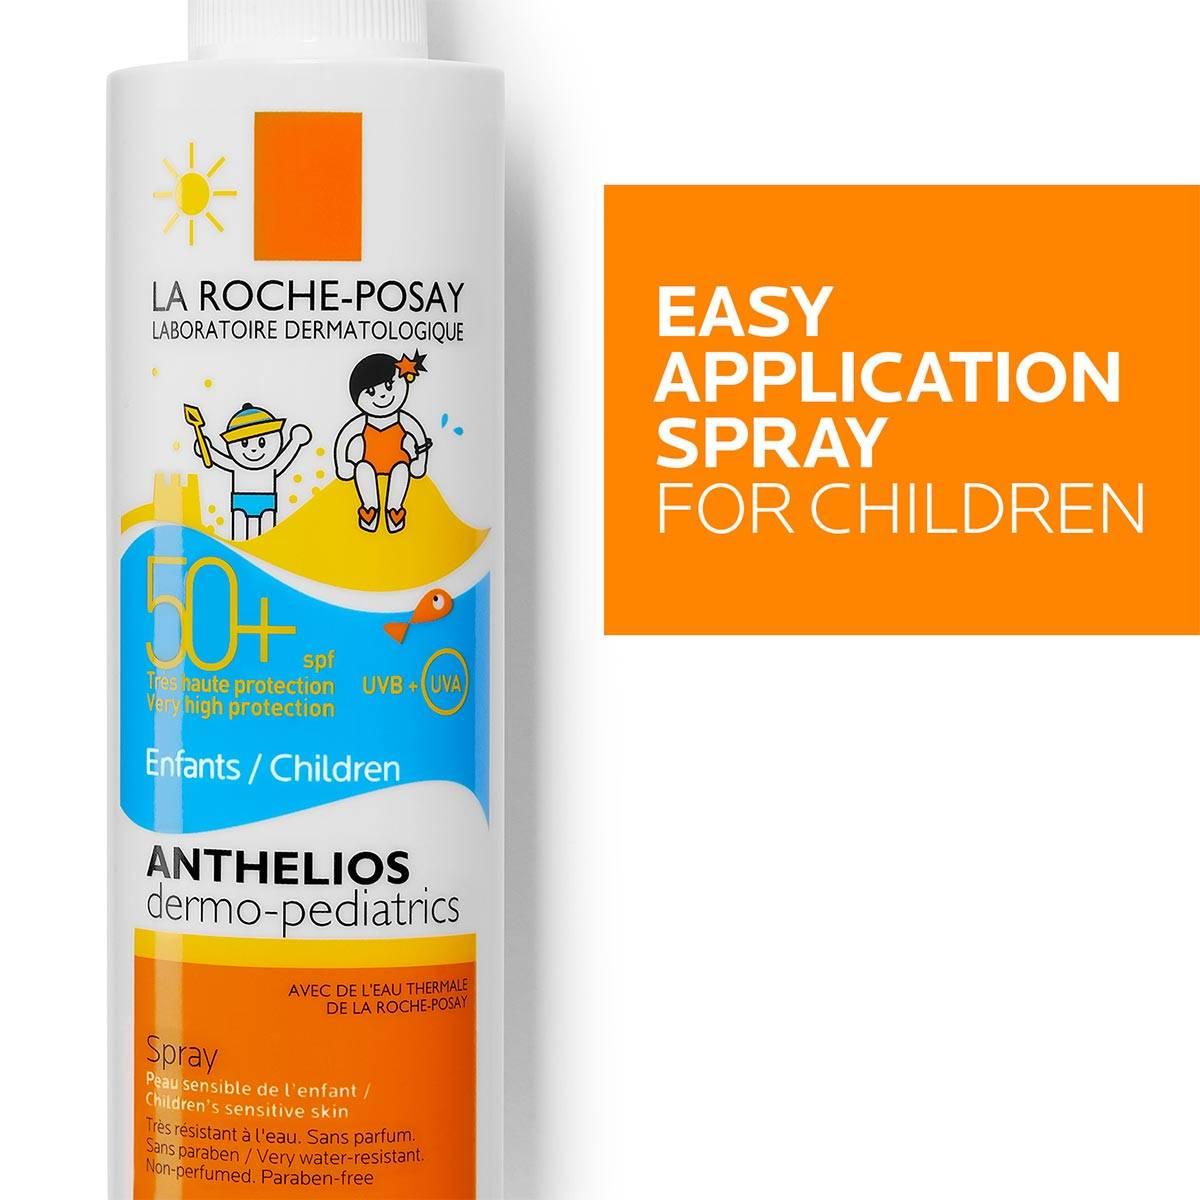 Słońce Anthelios DP Spray Spf 50 200 ml | La Roche Posay